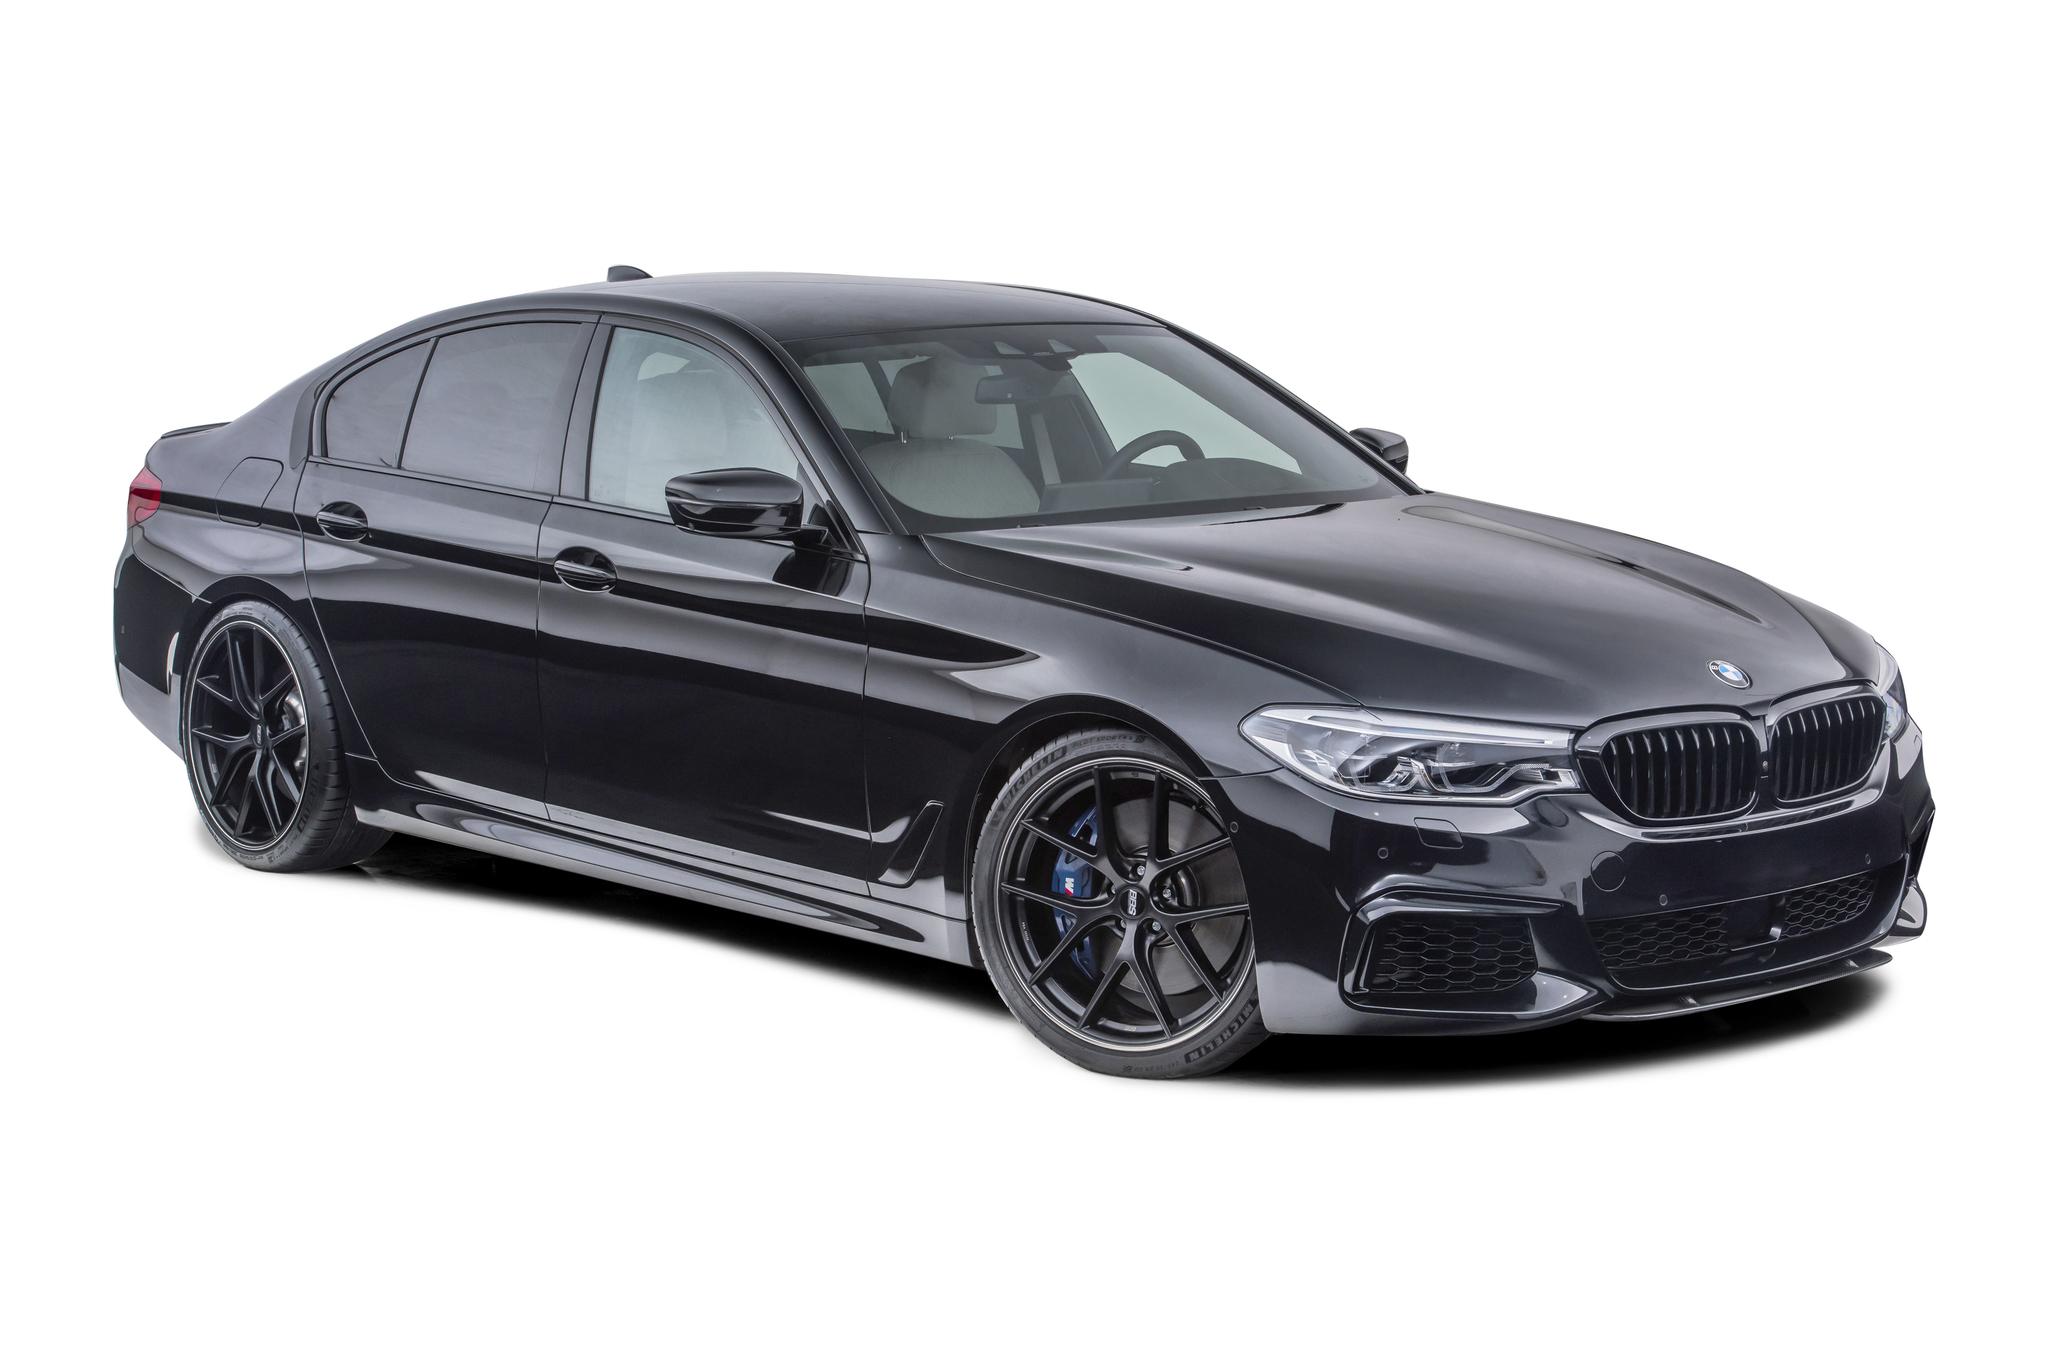 Sterckenn Carbon Fiber front splitter for BMW 5 G30 new model